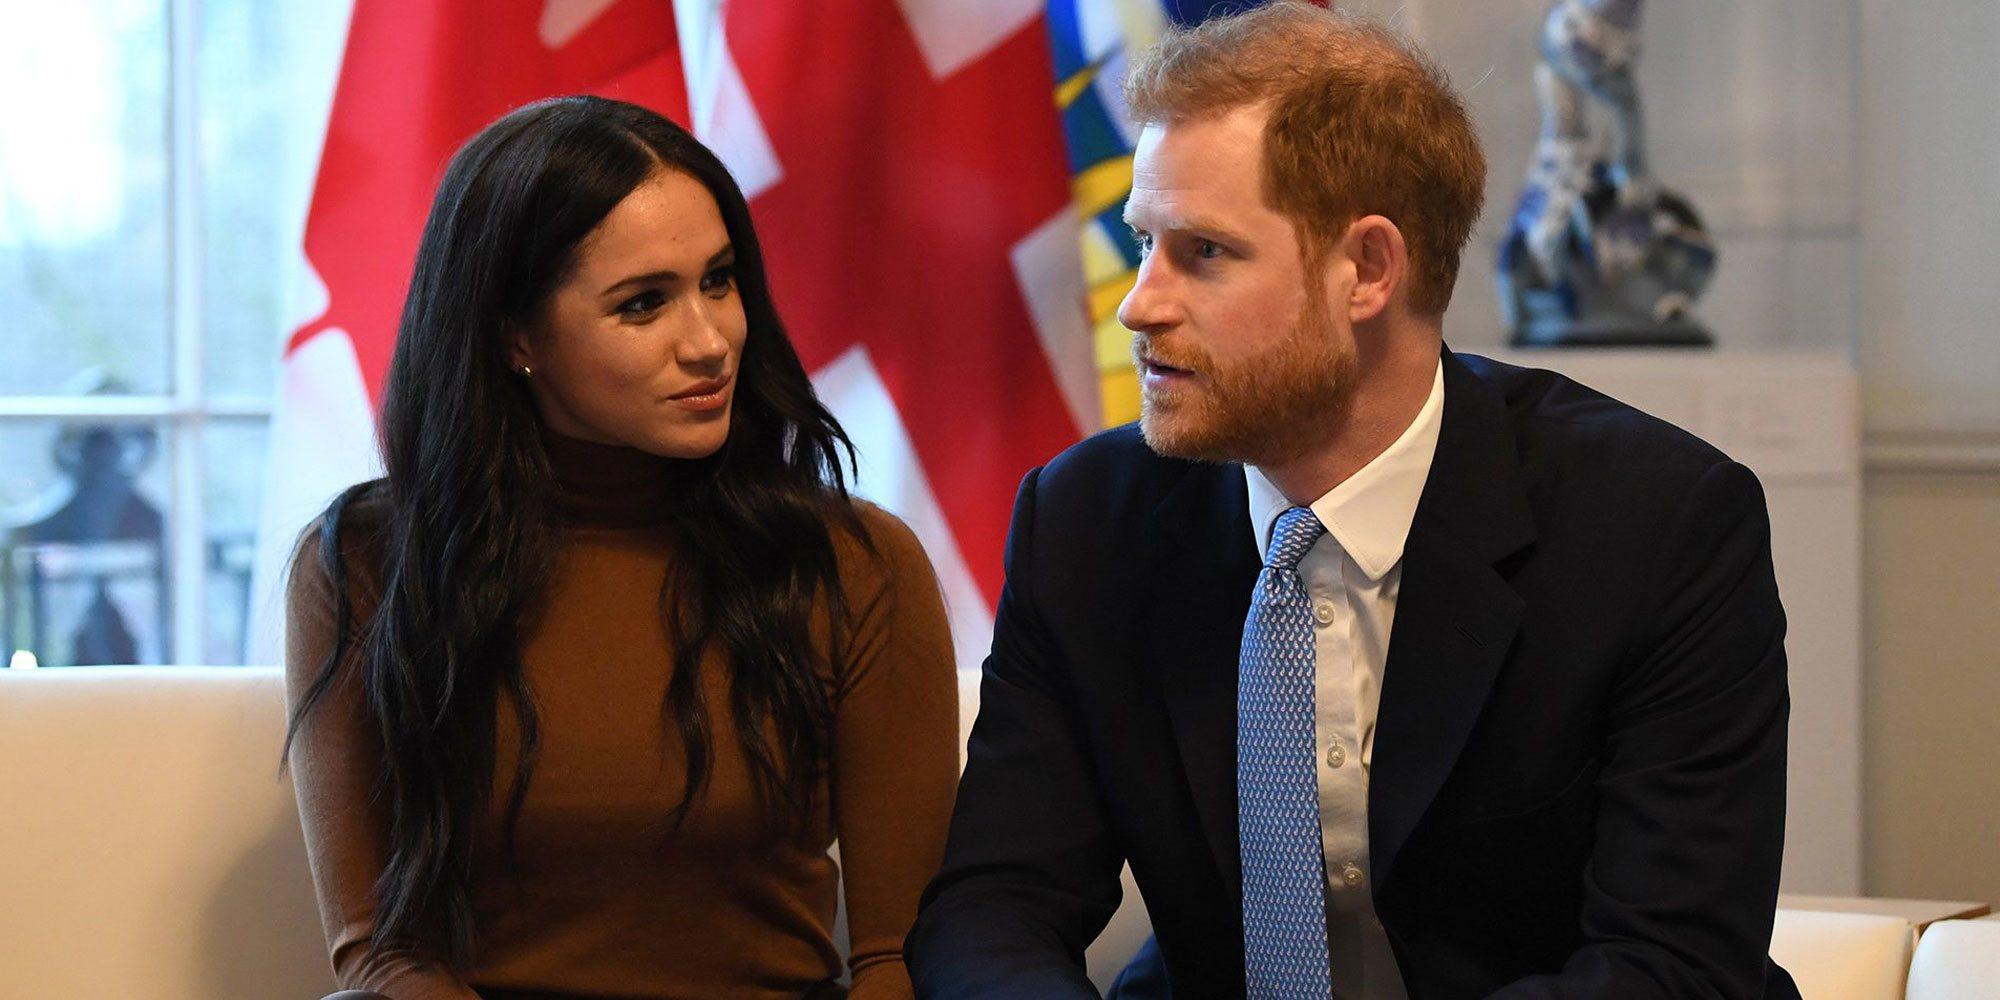 El problema al que se enfrentan el Príncipe Harry y Meghan Markle con su fundación Archewell